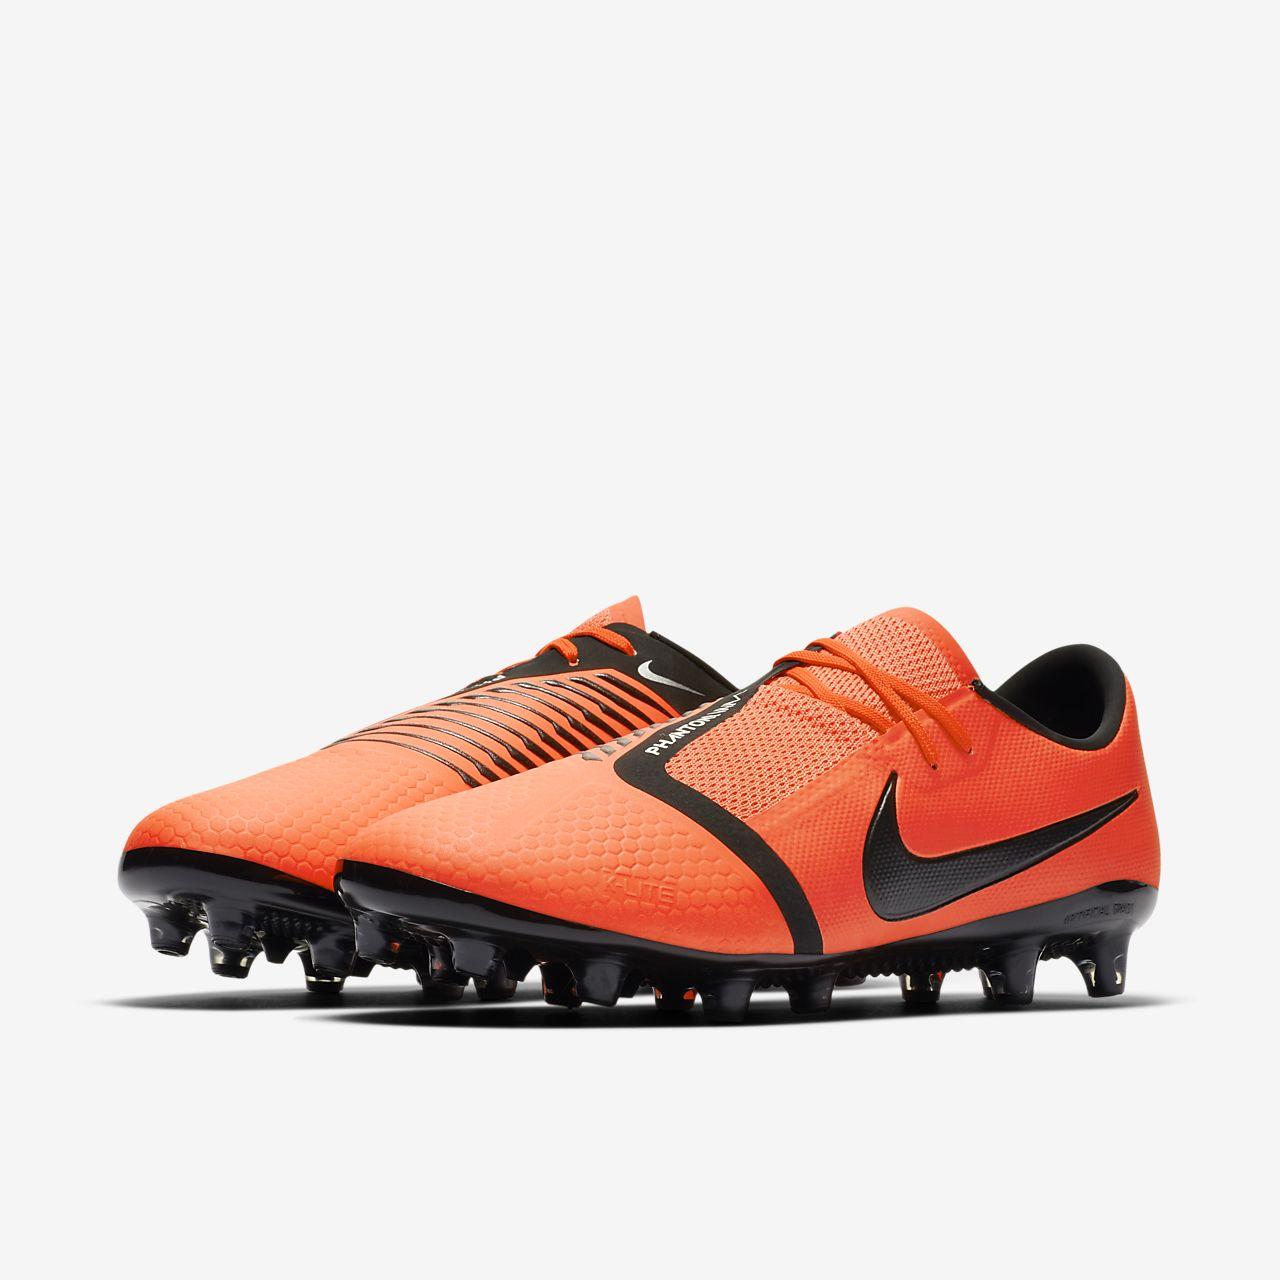 sale retailer 94470 1d4c6 ... Nike Phantom Venom Pro AG-Pro Botas de fútbol para césped artificial